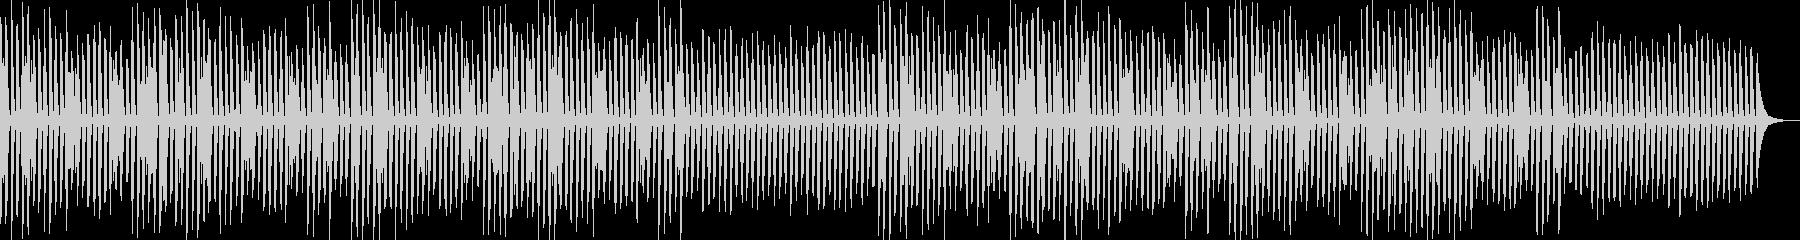 YouTube・軽快・楽しい・ピアノソロの未再生の波形